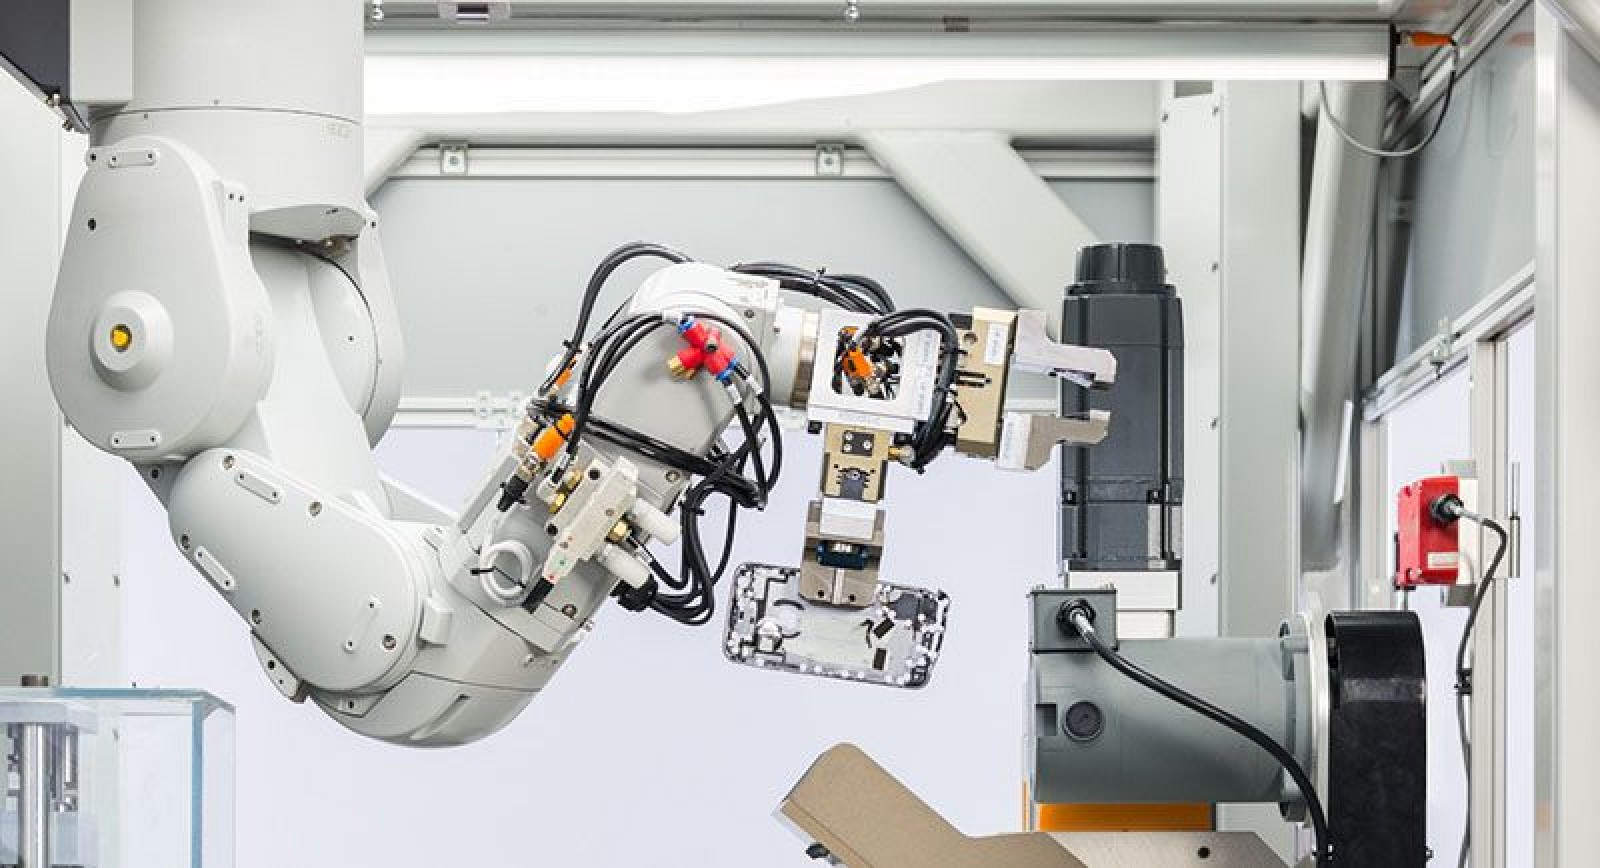 Robot daur ulang